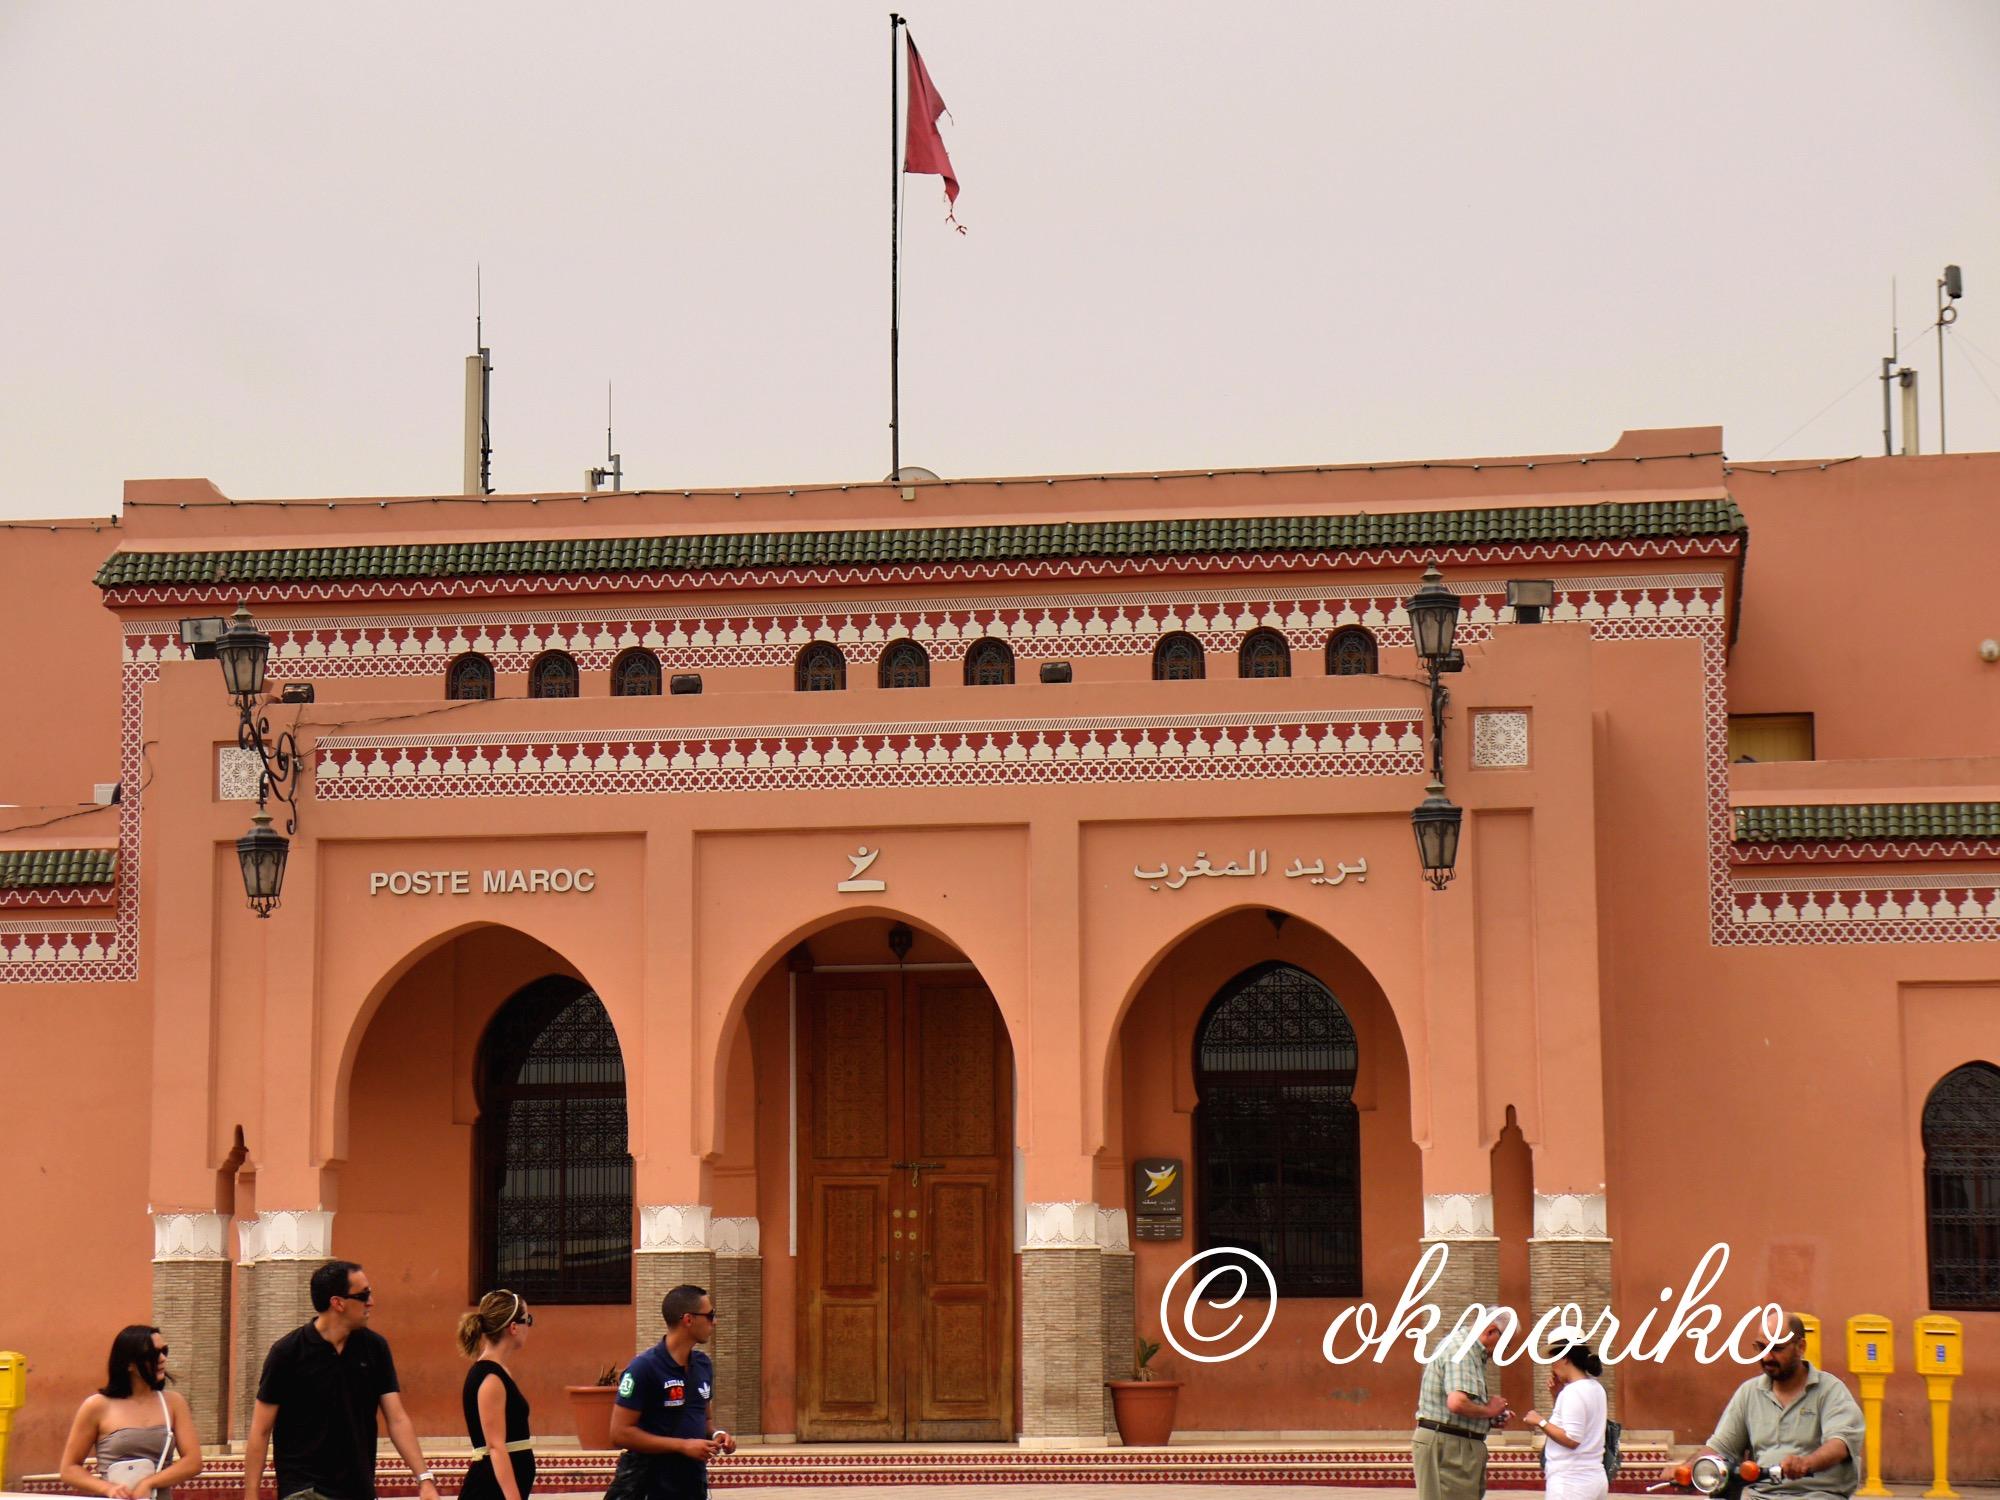 モロッコ 郵便局